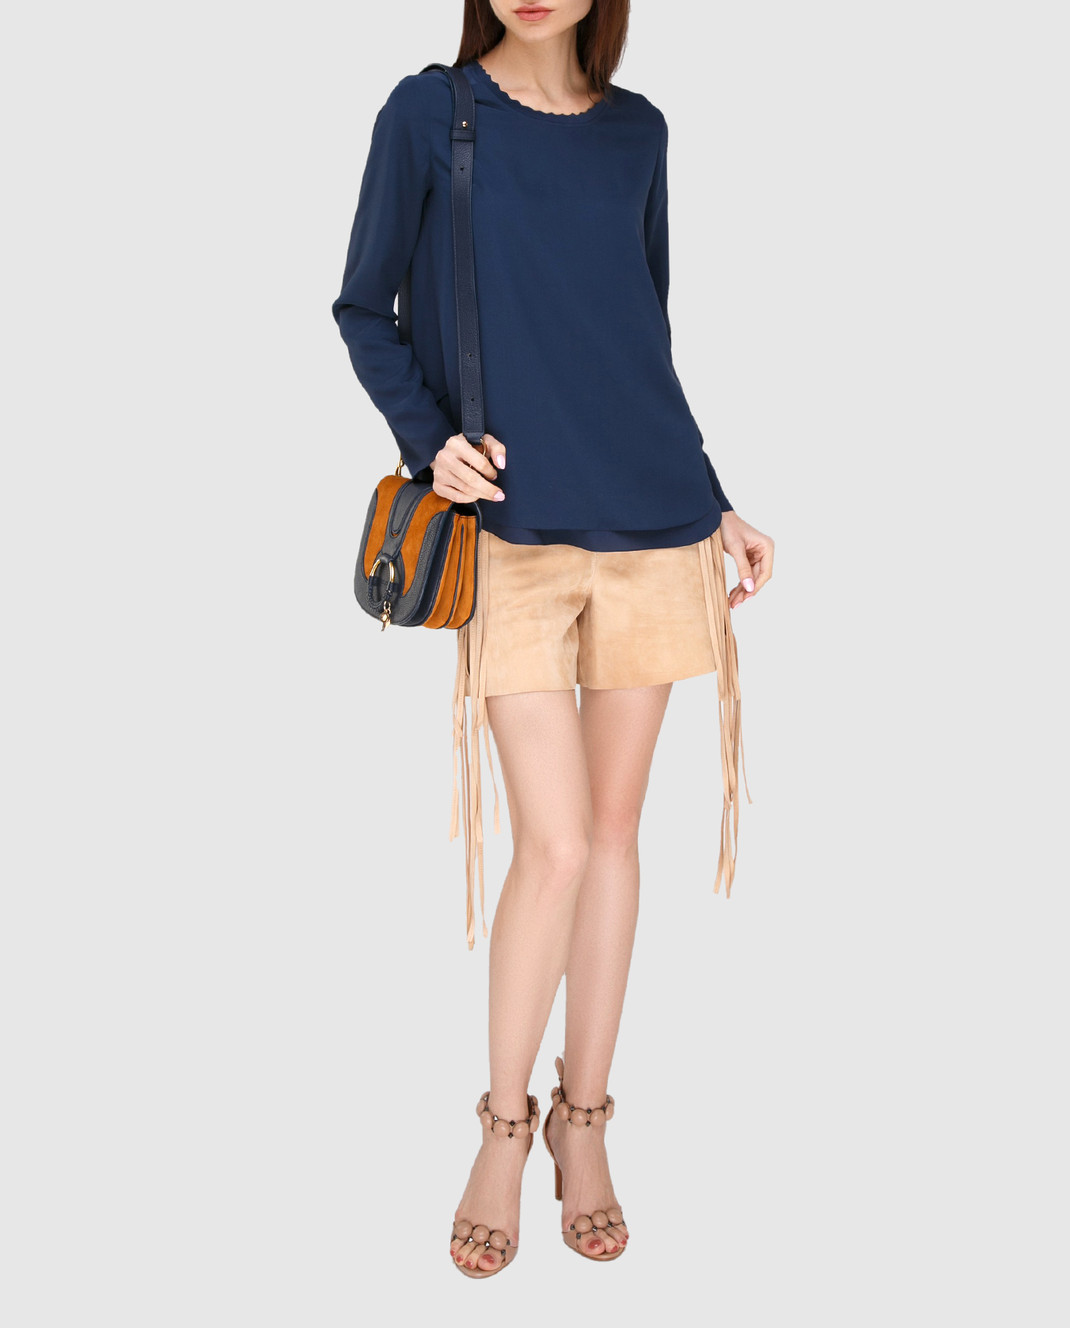 Chloe Синяя блуза 17SHT31 изображение 2